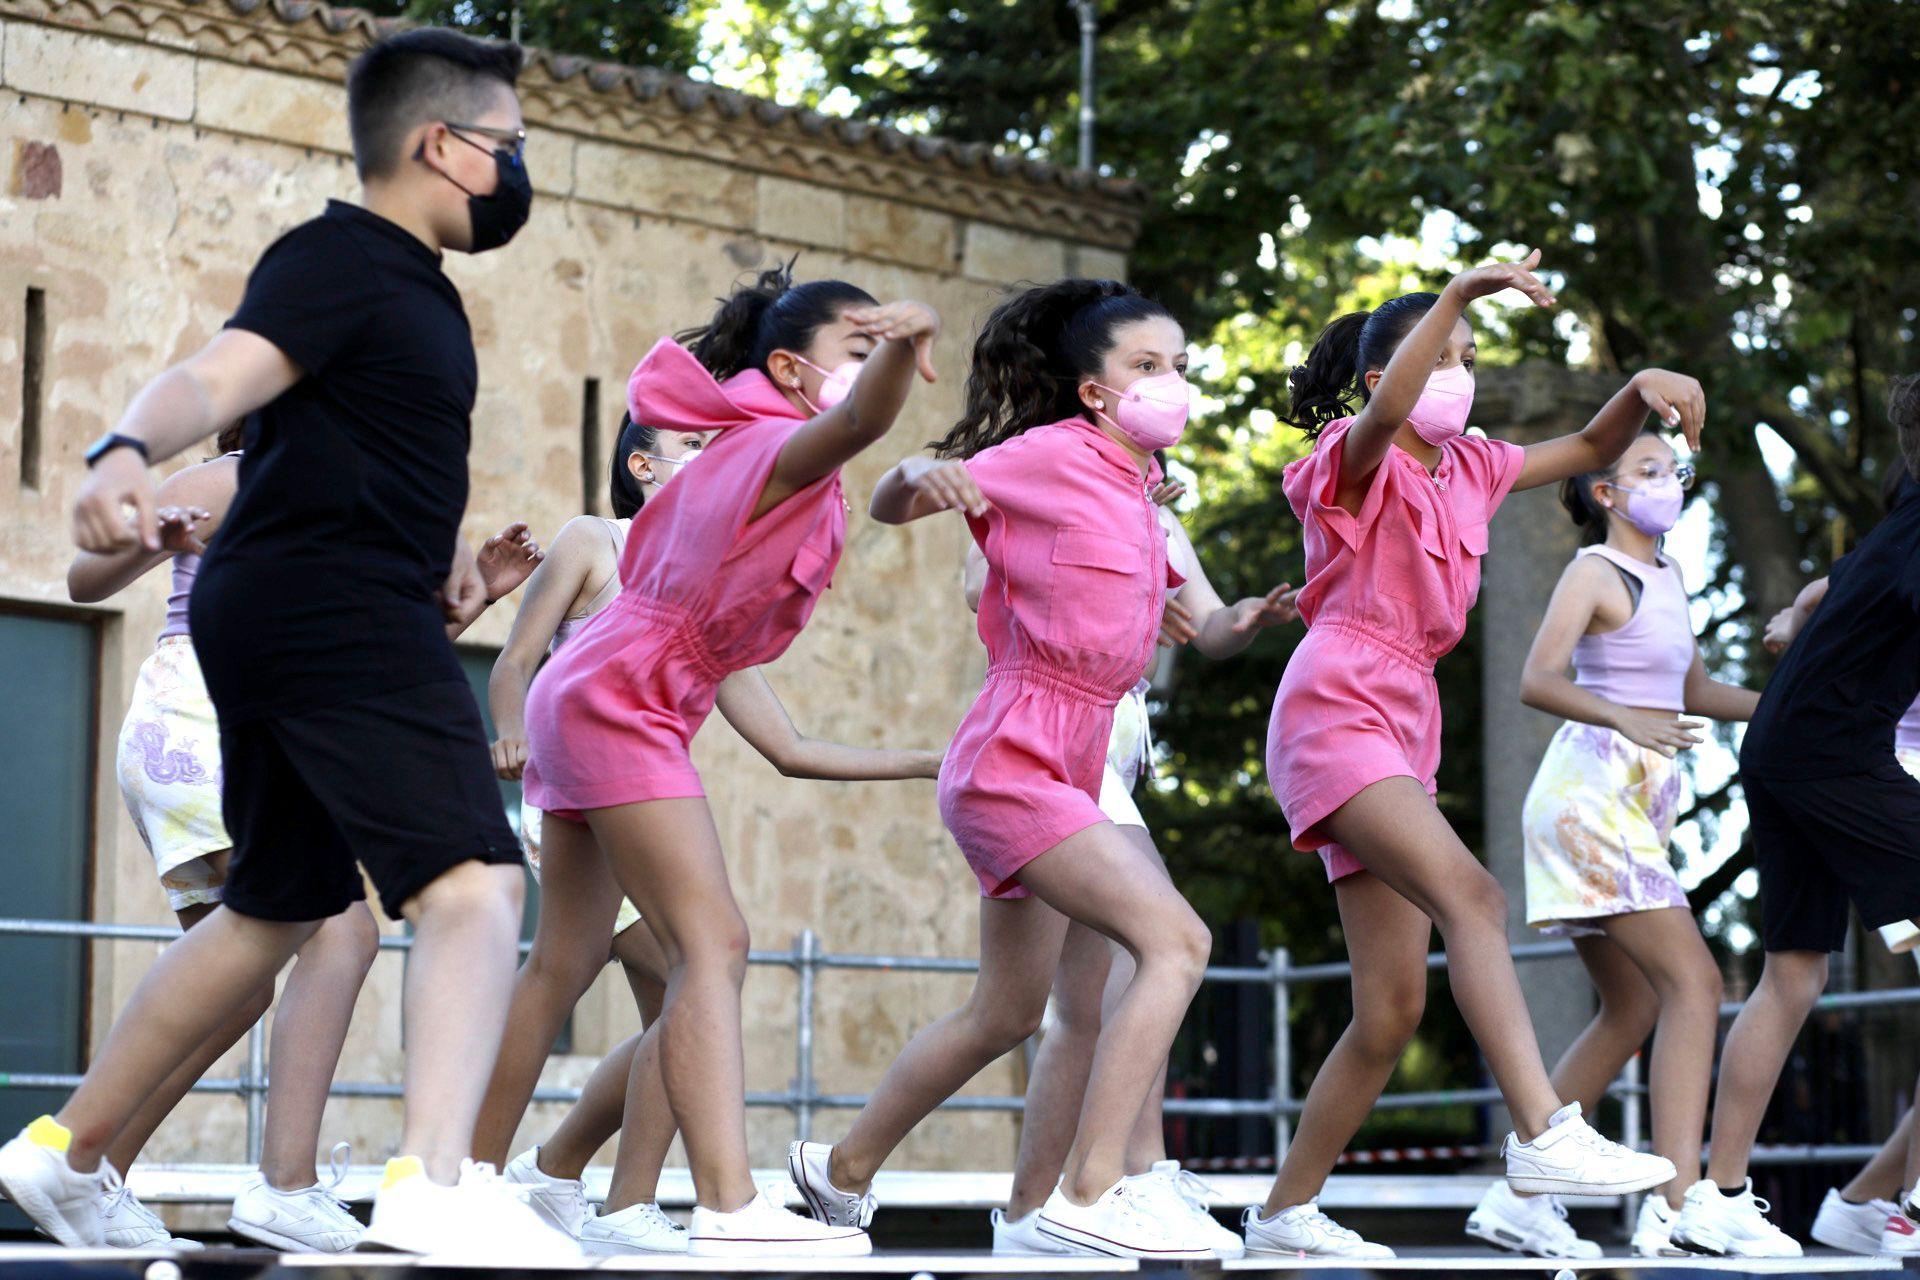 GALERÍA | La escuela de baile Escena pone el ritmo en la plaza de la Catedral